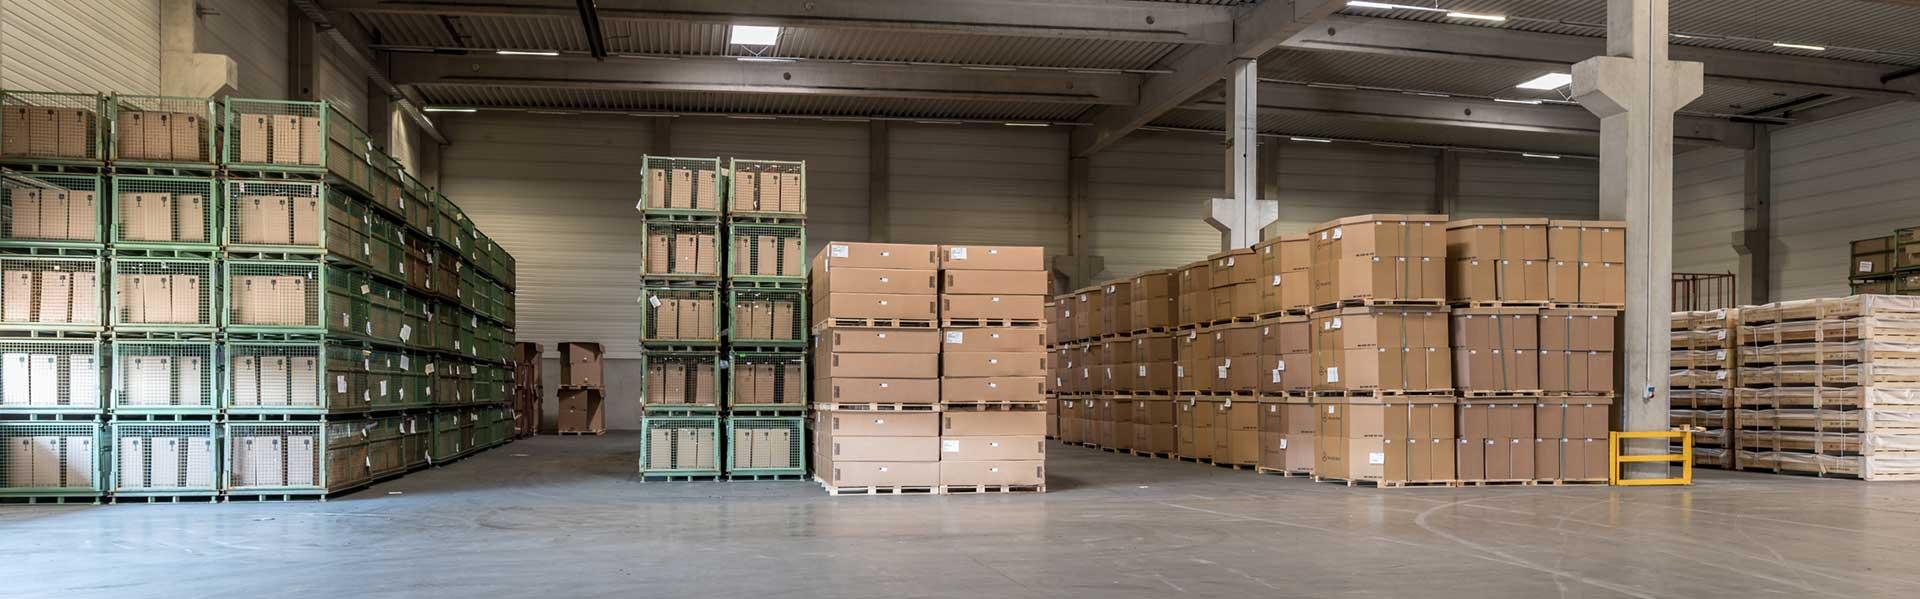 Aufnahme von Lager mit Versandpaketen